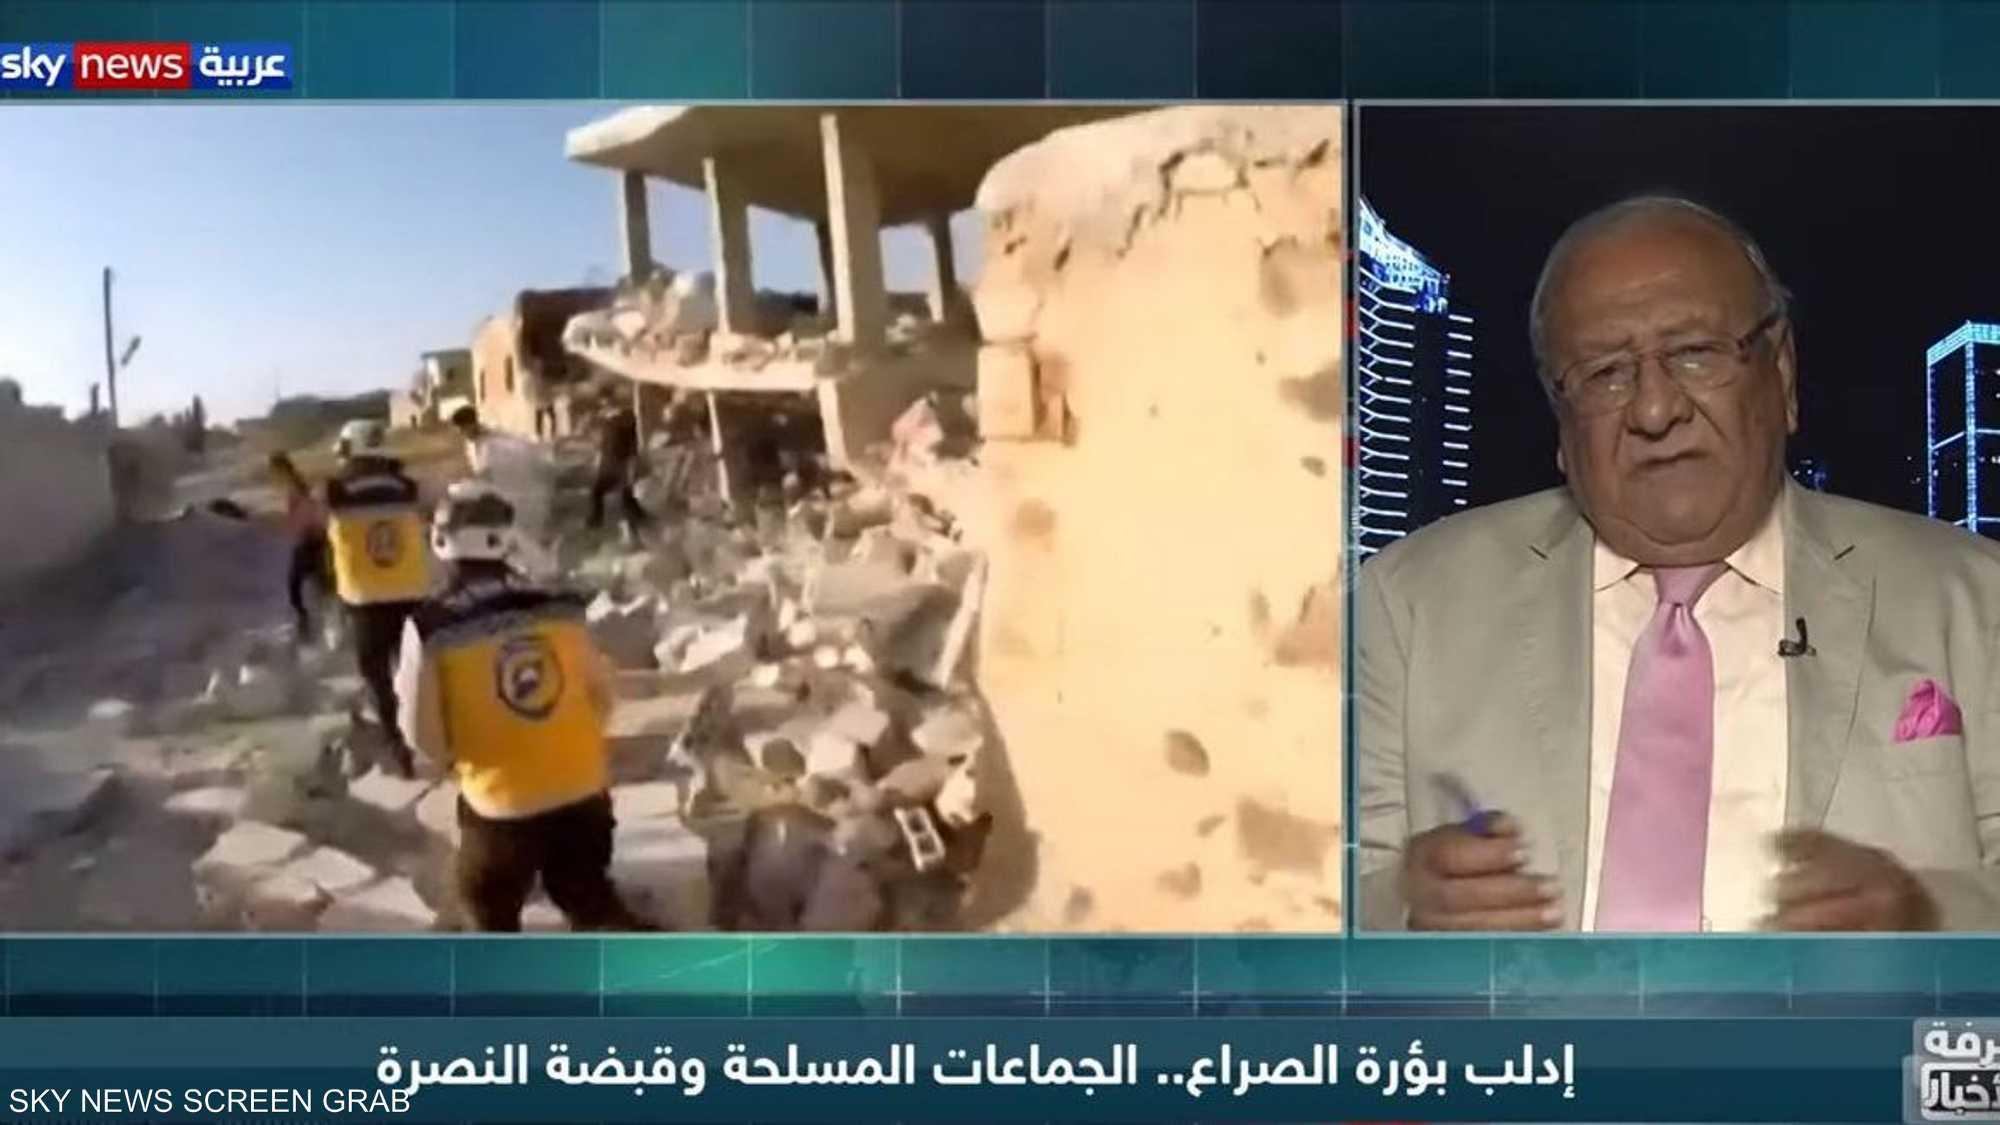 إدلب بؤرة الصراع.. الجماعات المسلحة وقبضة النصرة